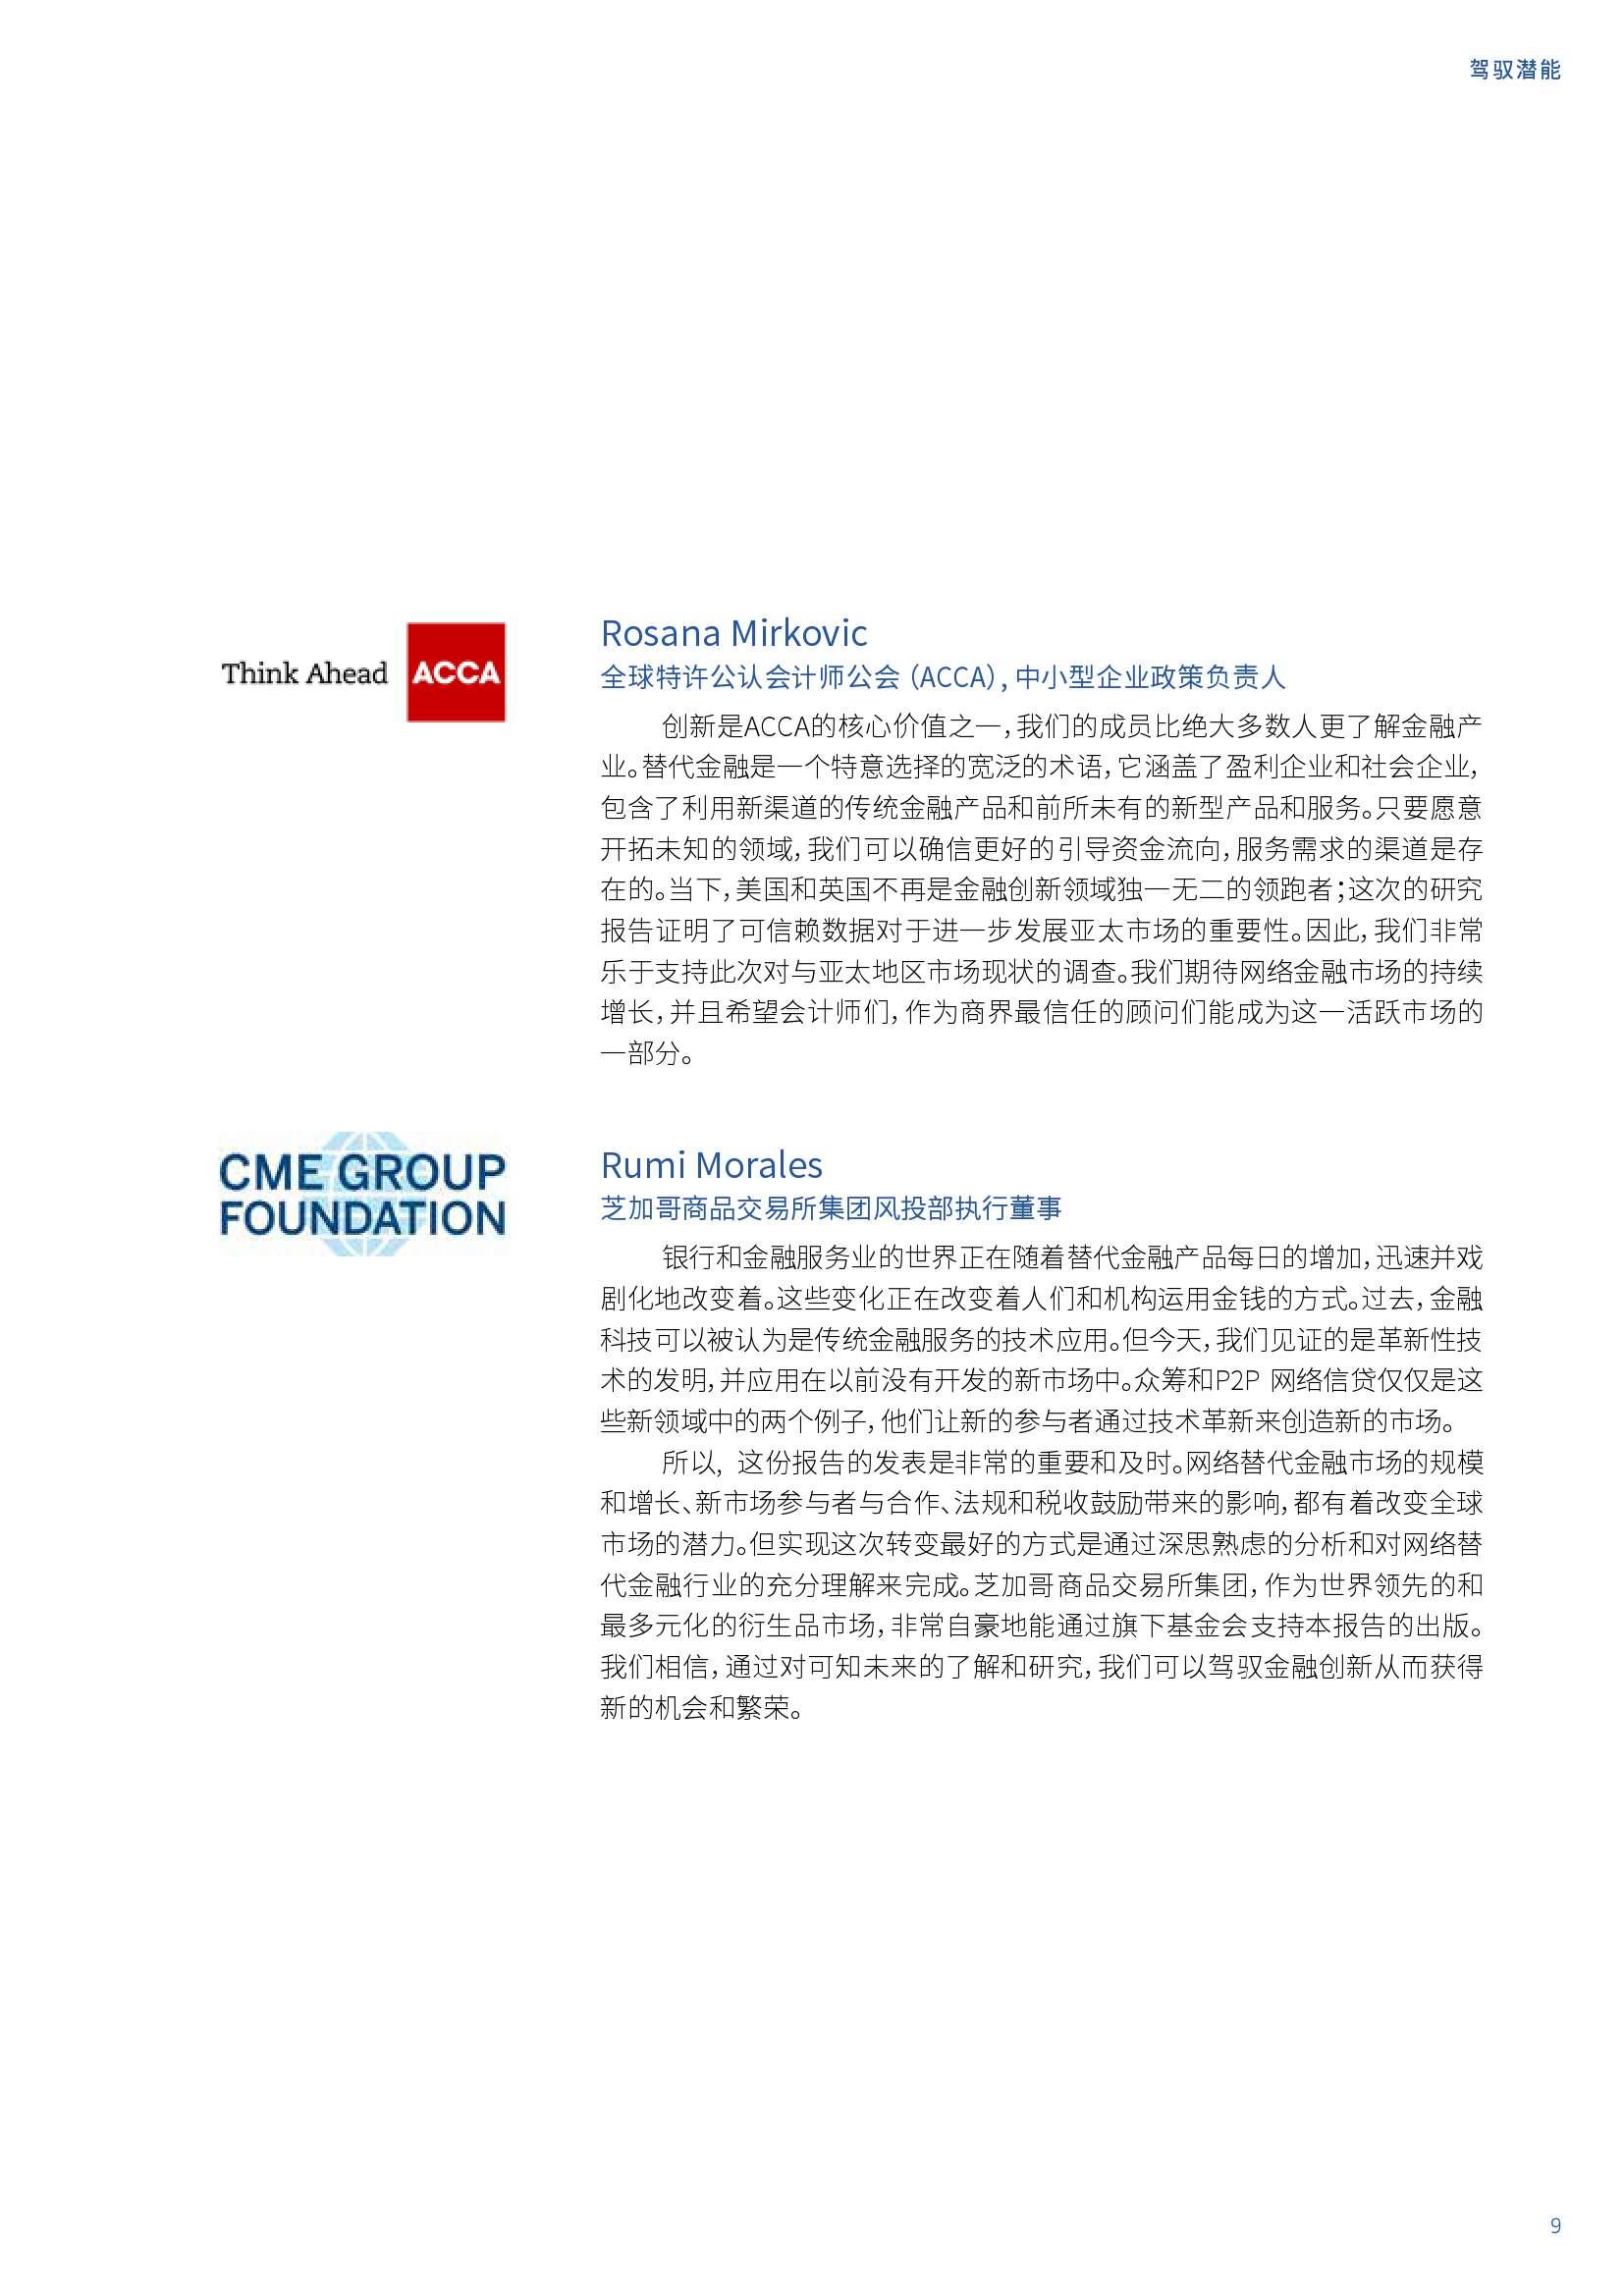 亚太地区网络替代金融基准报告_000009